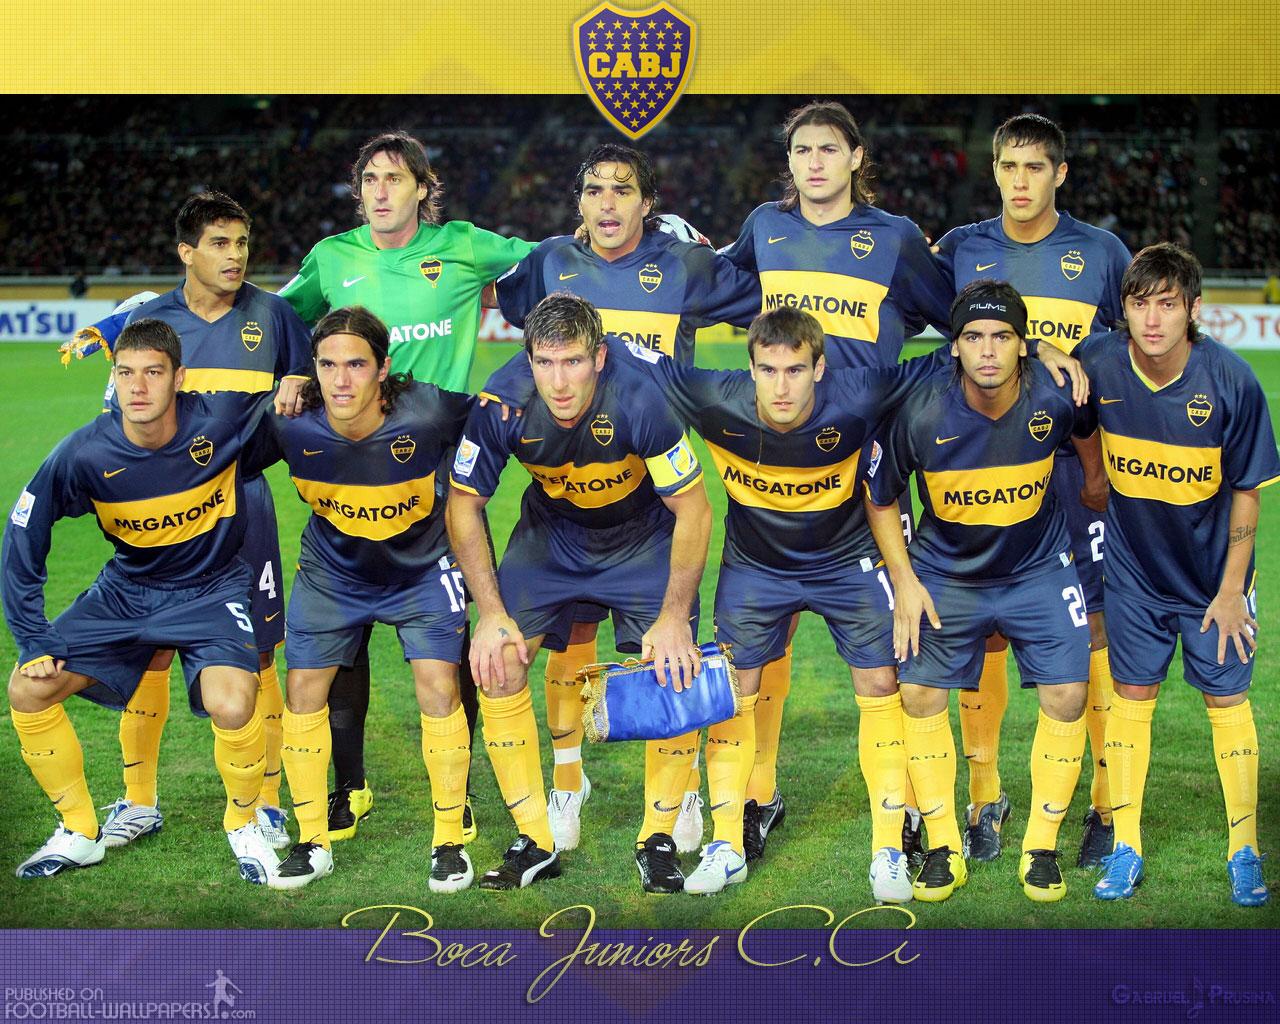 Tu equipo(club) - Página 6 Boca_juniors_2_1280x1024